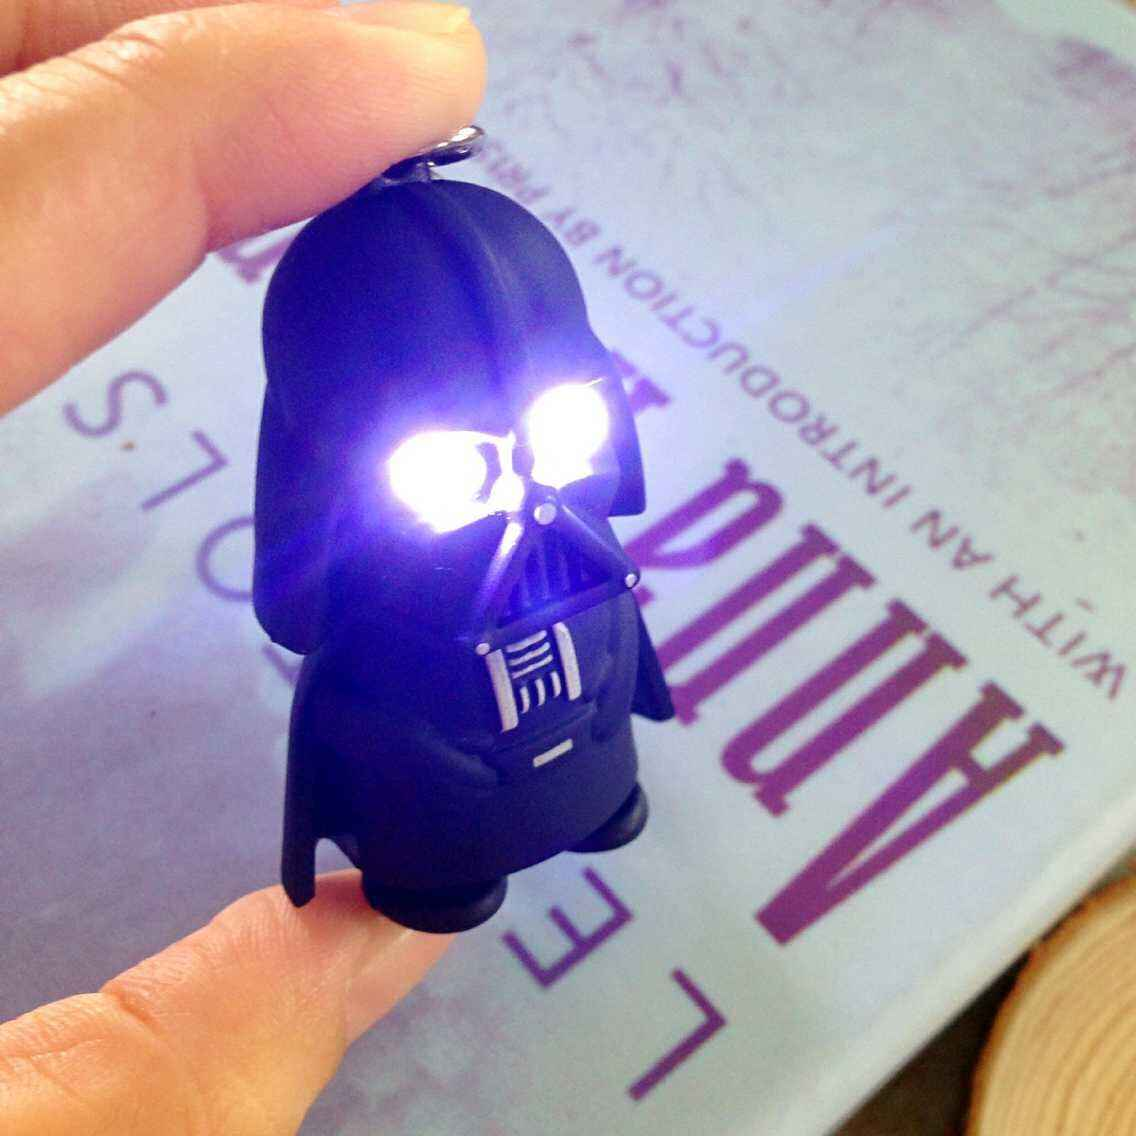 LED Darth Vader star wars Leucht action figure licht coole geschenke yoda Anakin Skywalker abbildung Taschenlampe schlüsselanhänger